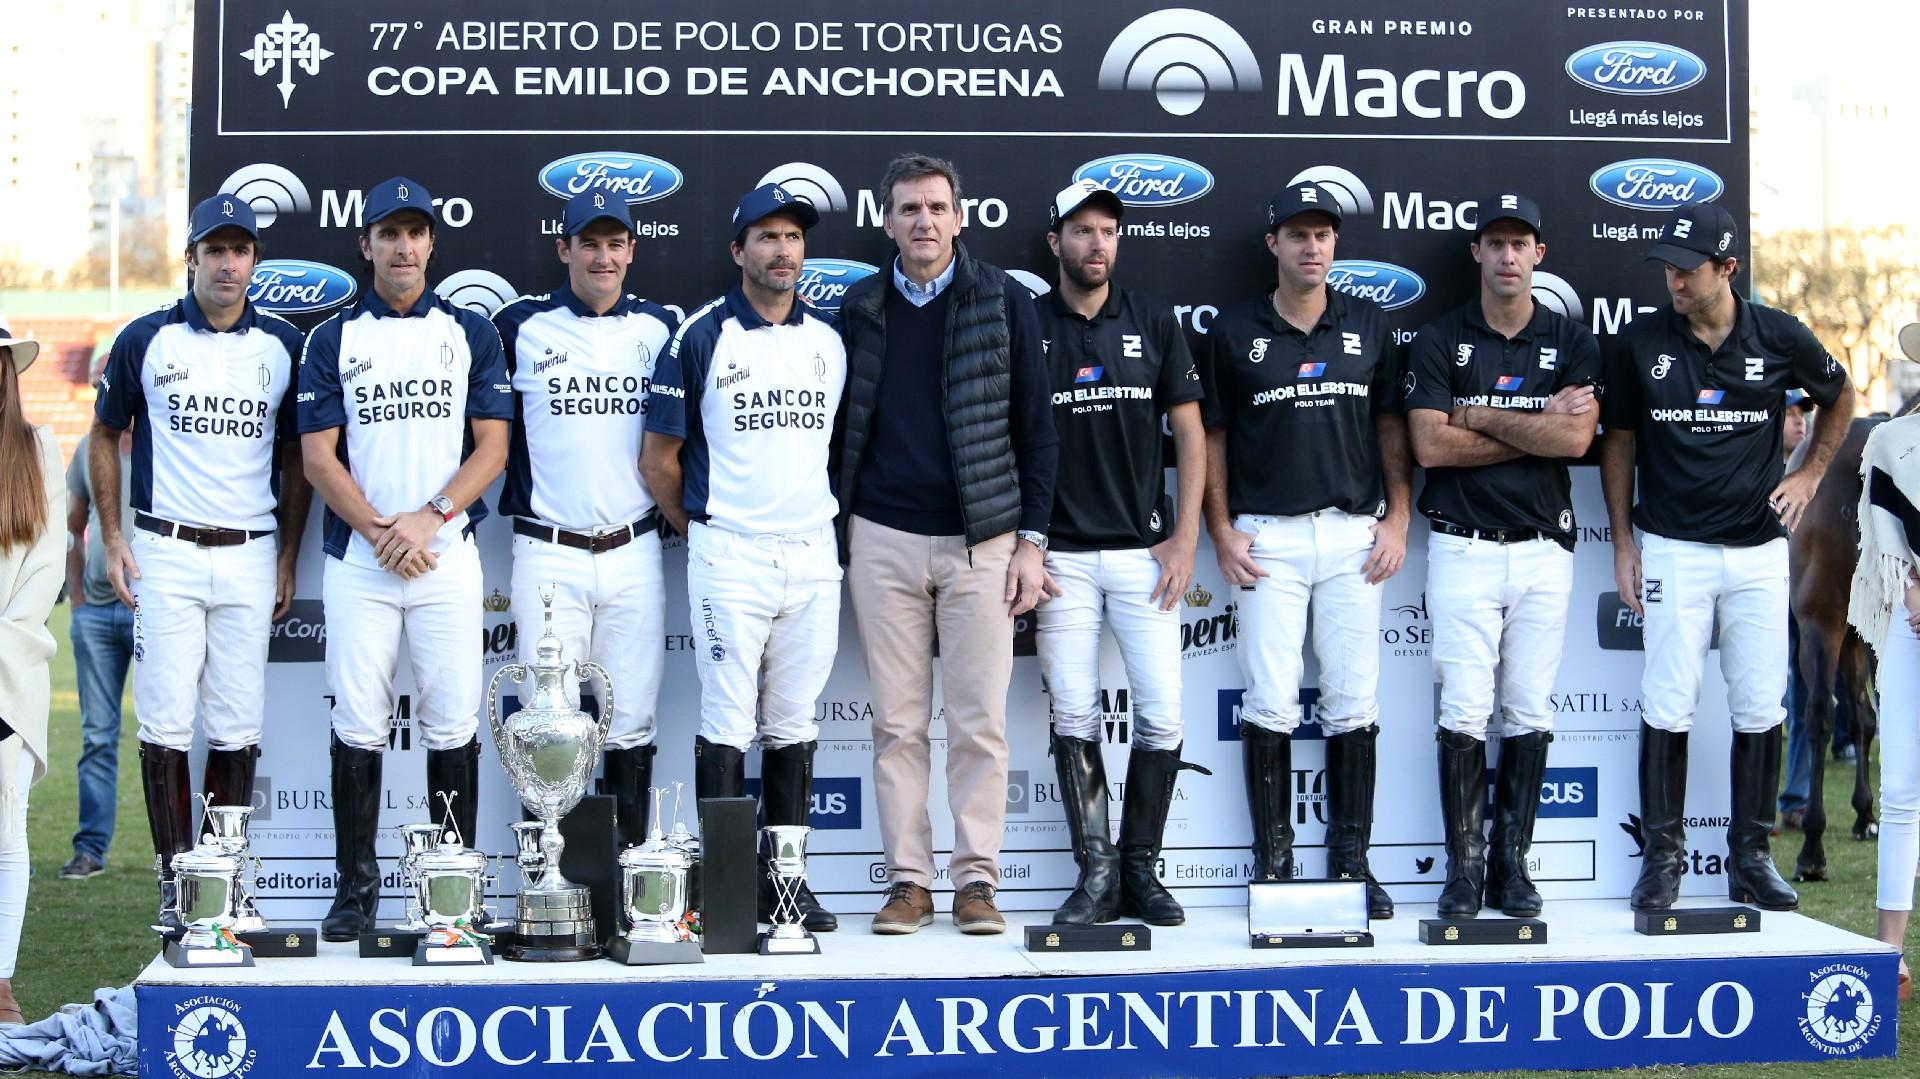 Gustavo Manriquez, gerente general de Banco Macro, junto a los equipos de La Dolfina y Ellerstina en el momento de la entrega del Gran Premio Banco Macro